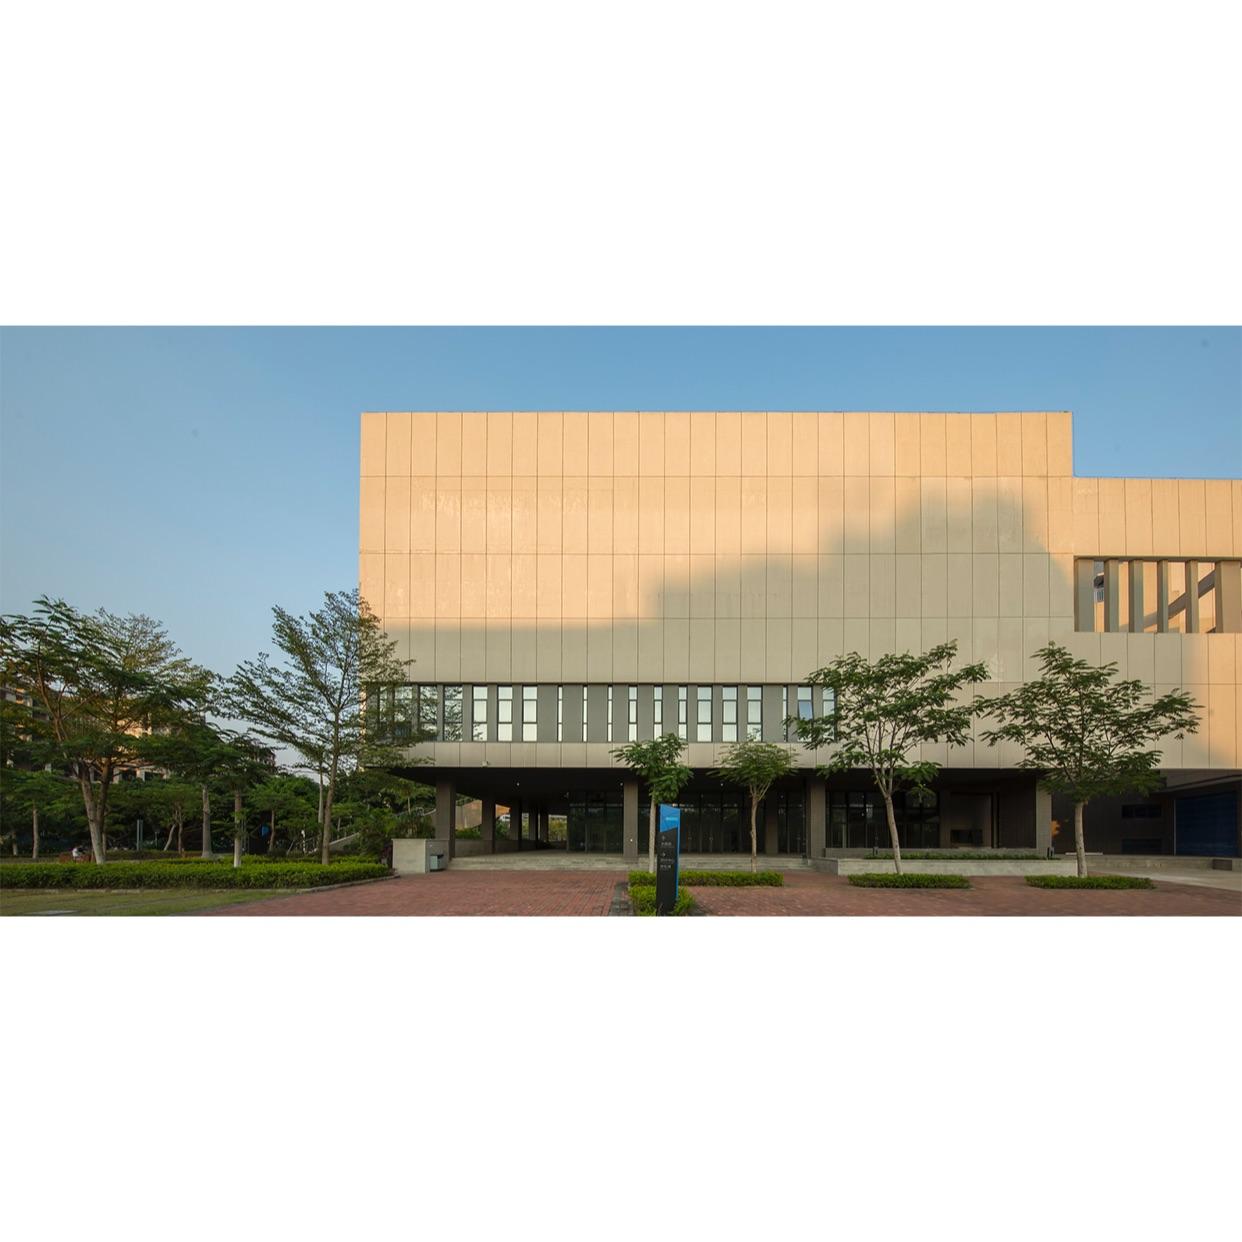 深圳新桥文化艺术中心